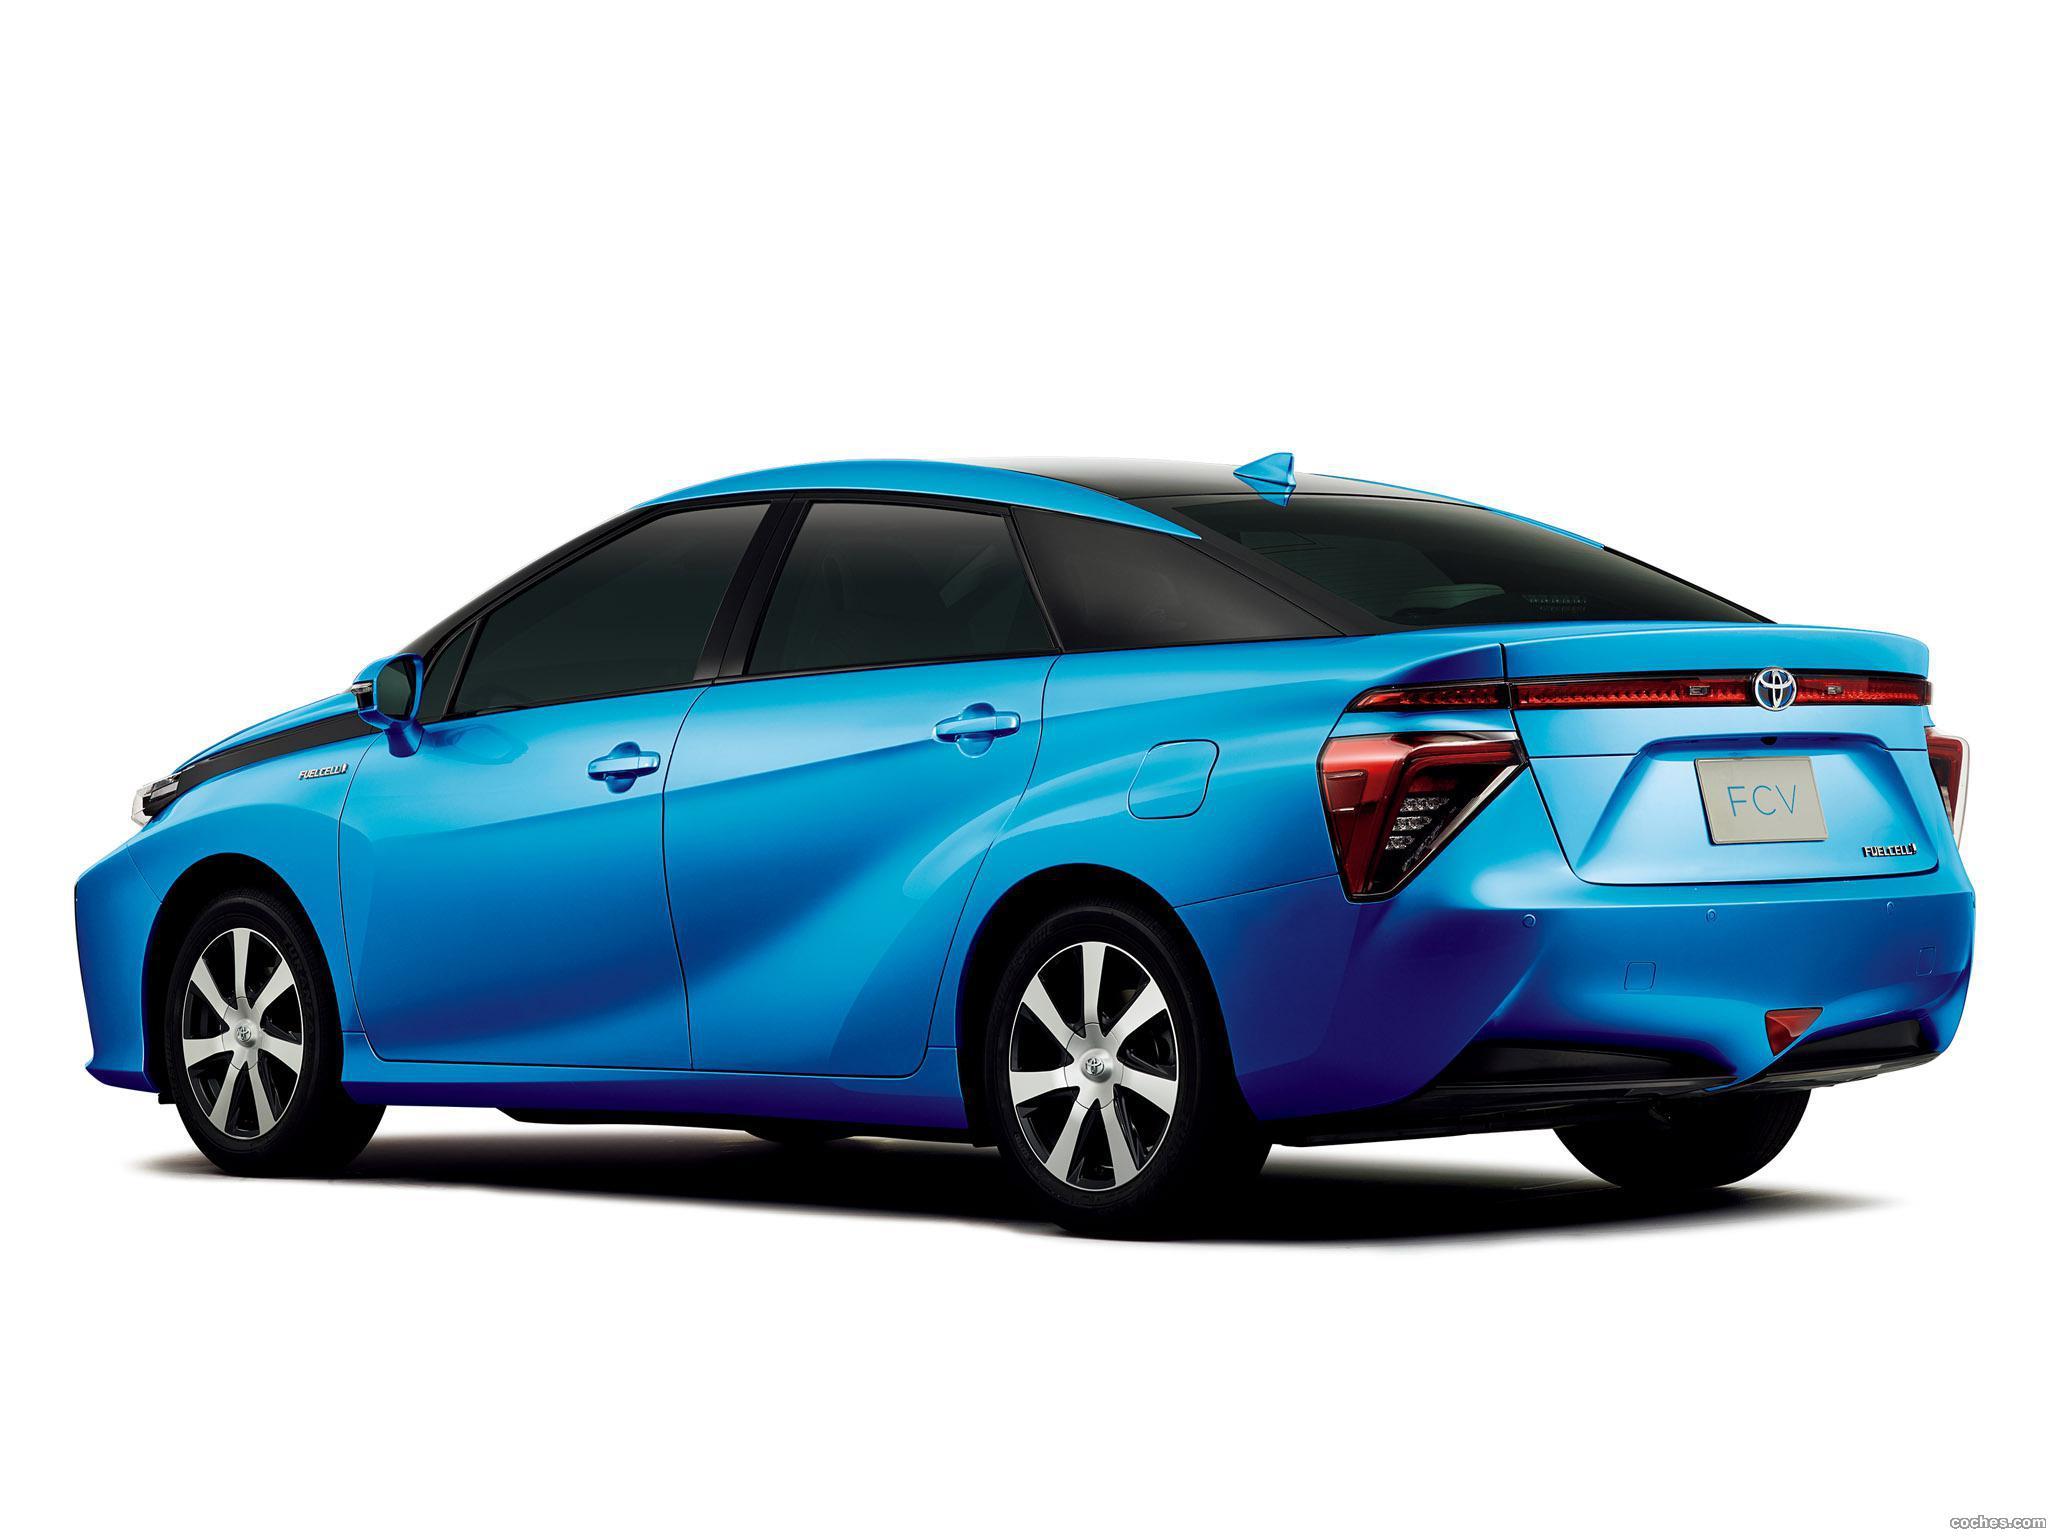 Foto 5 de Toyota FCV 2015